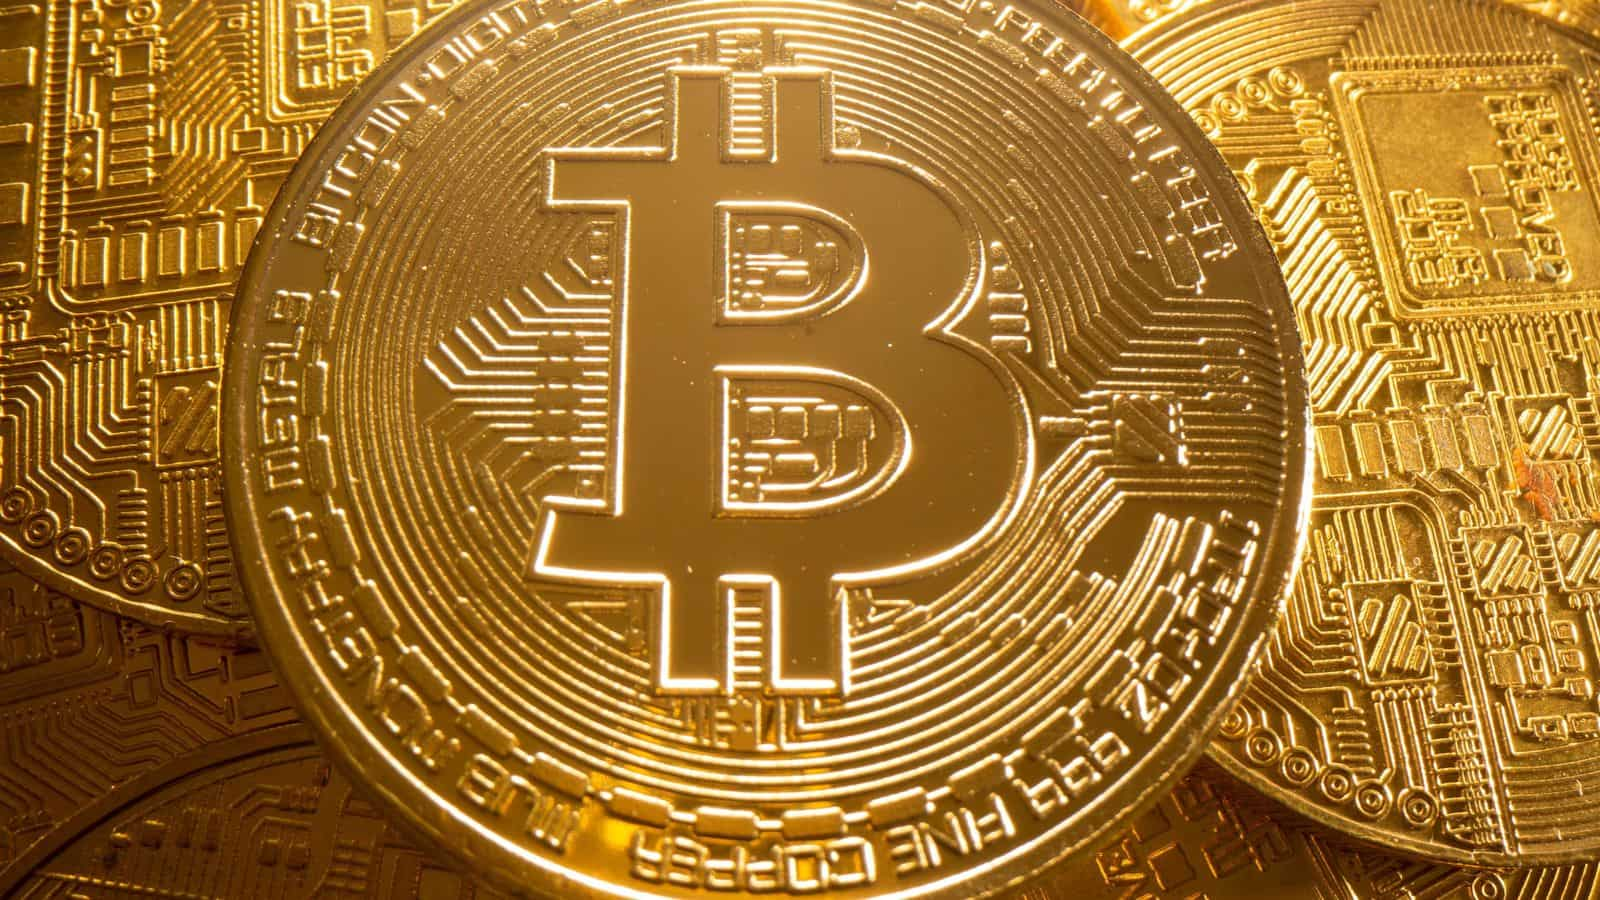 tempo binance al deposito btc quando si bitcoin prezzo salire